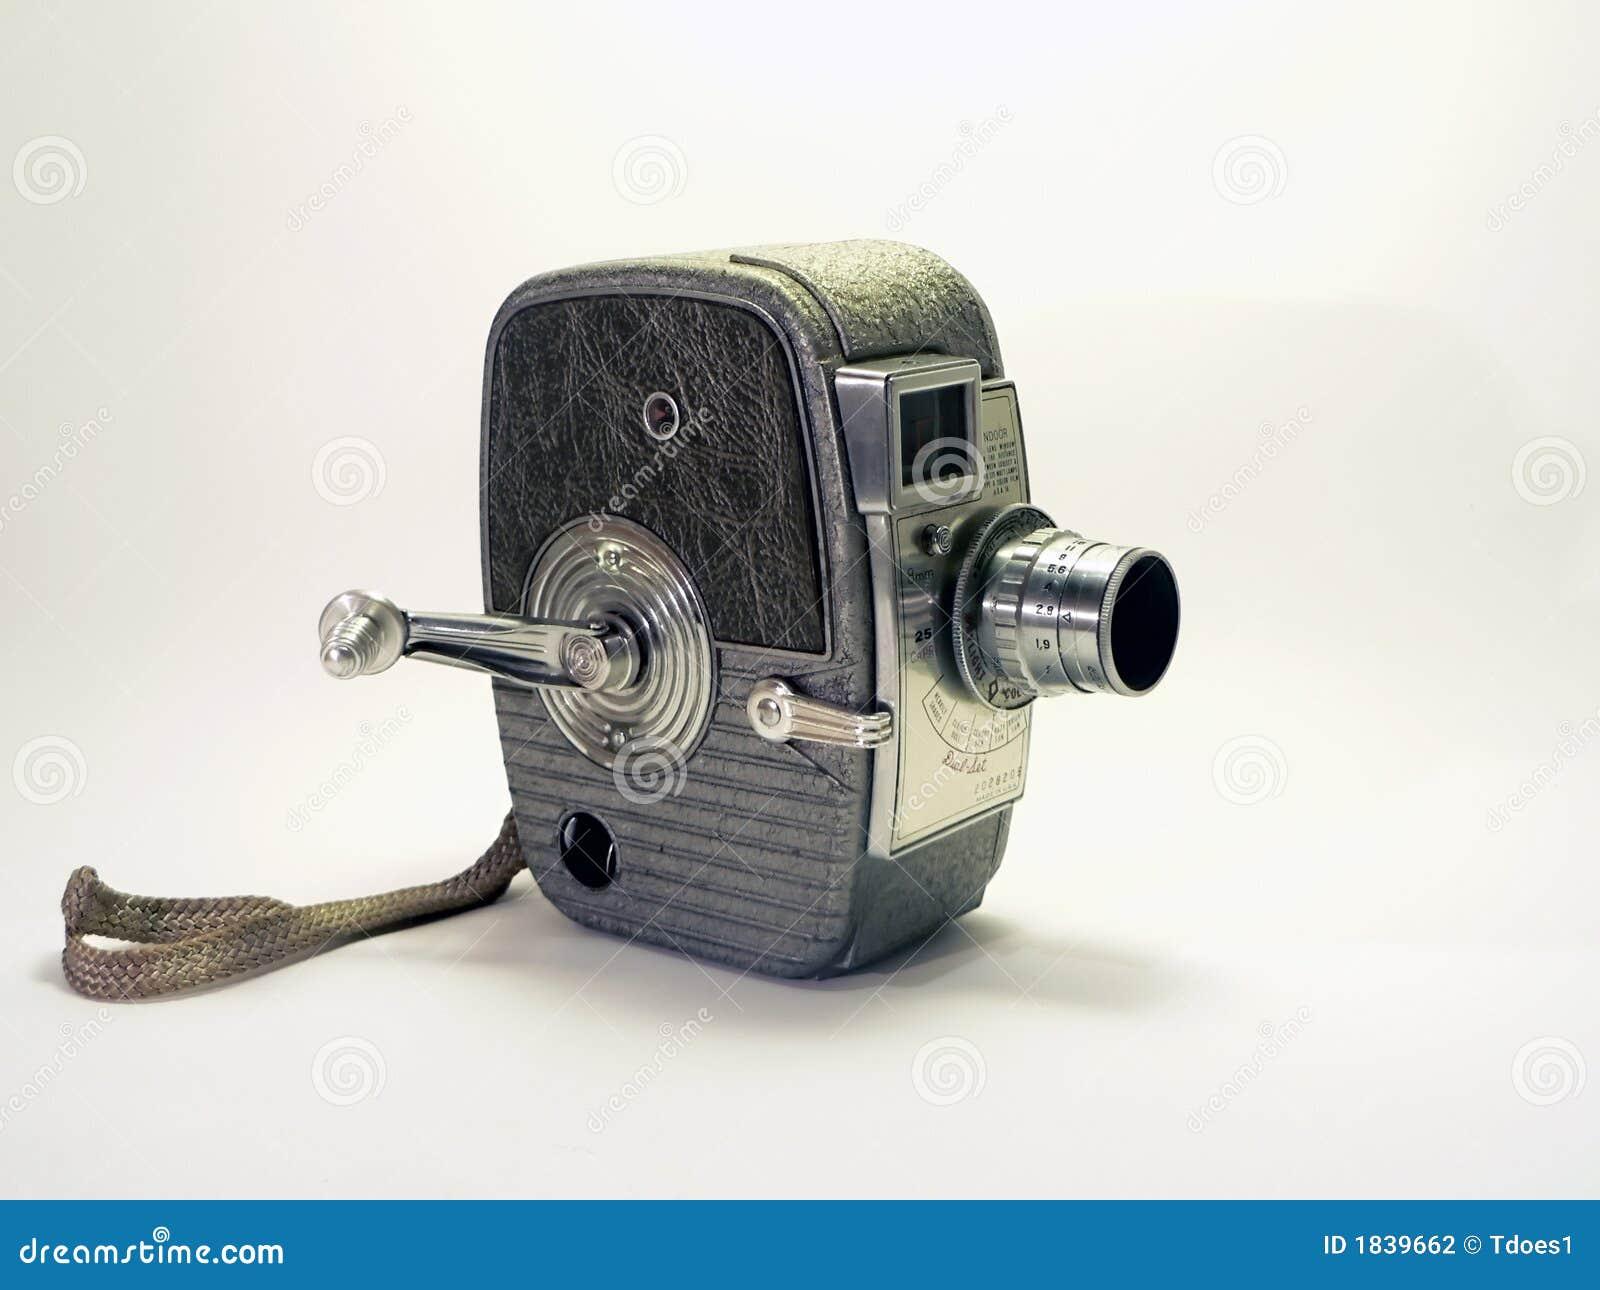 Uitstekende camera - 8mm camcorder 2